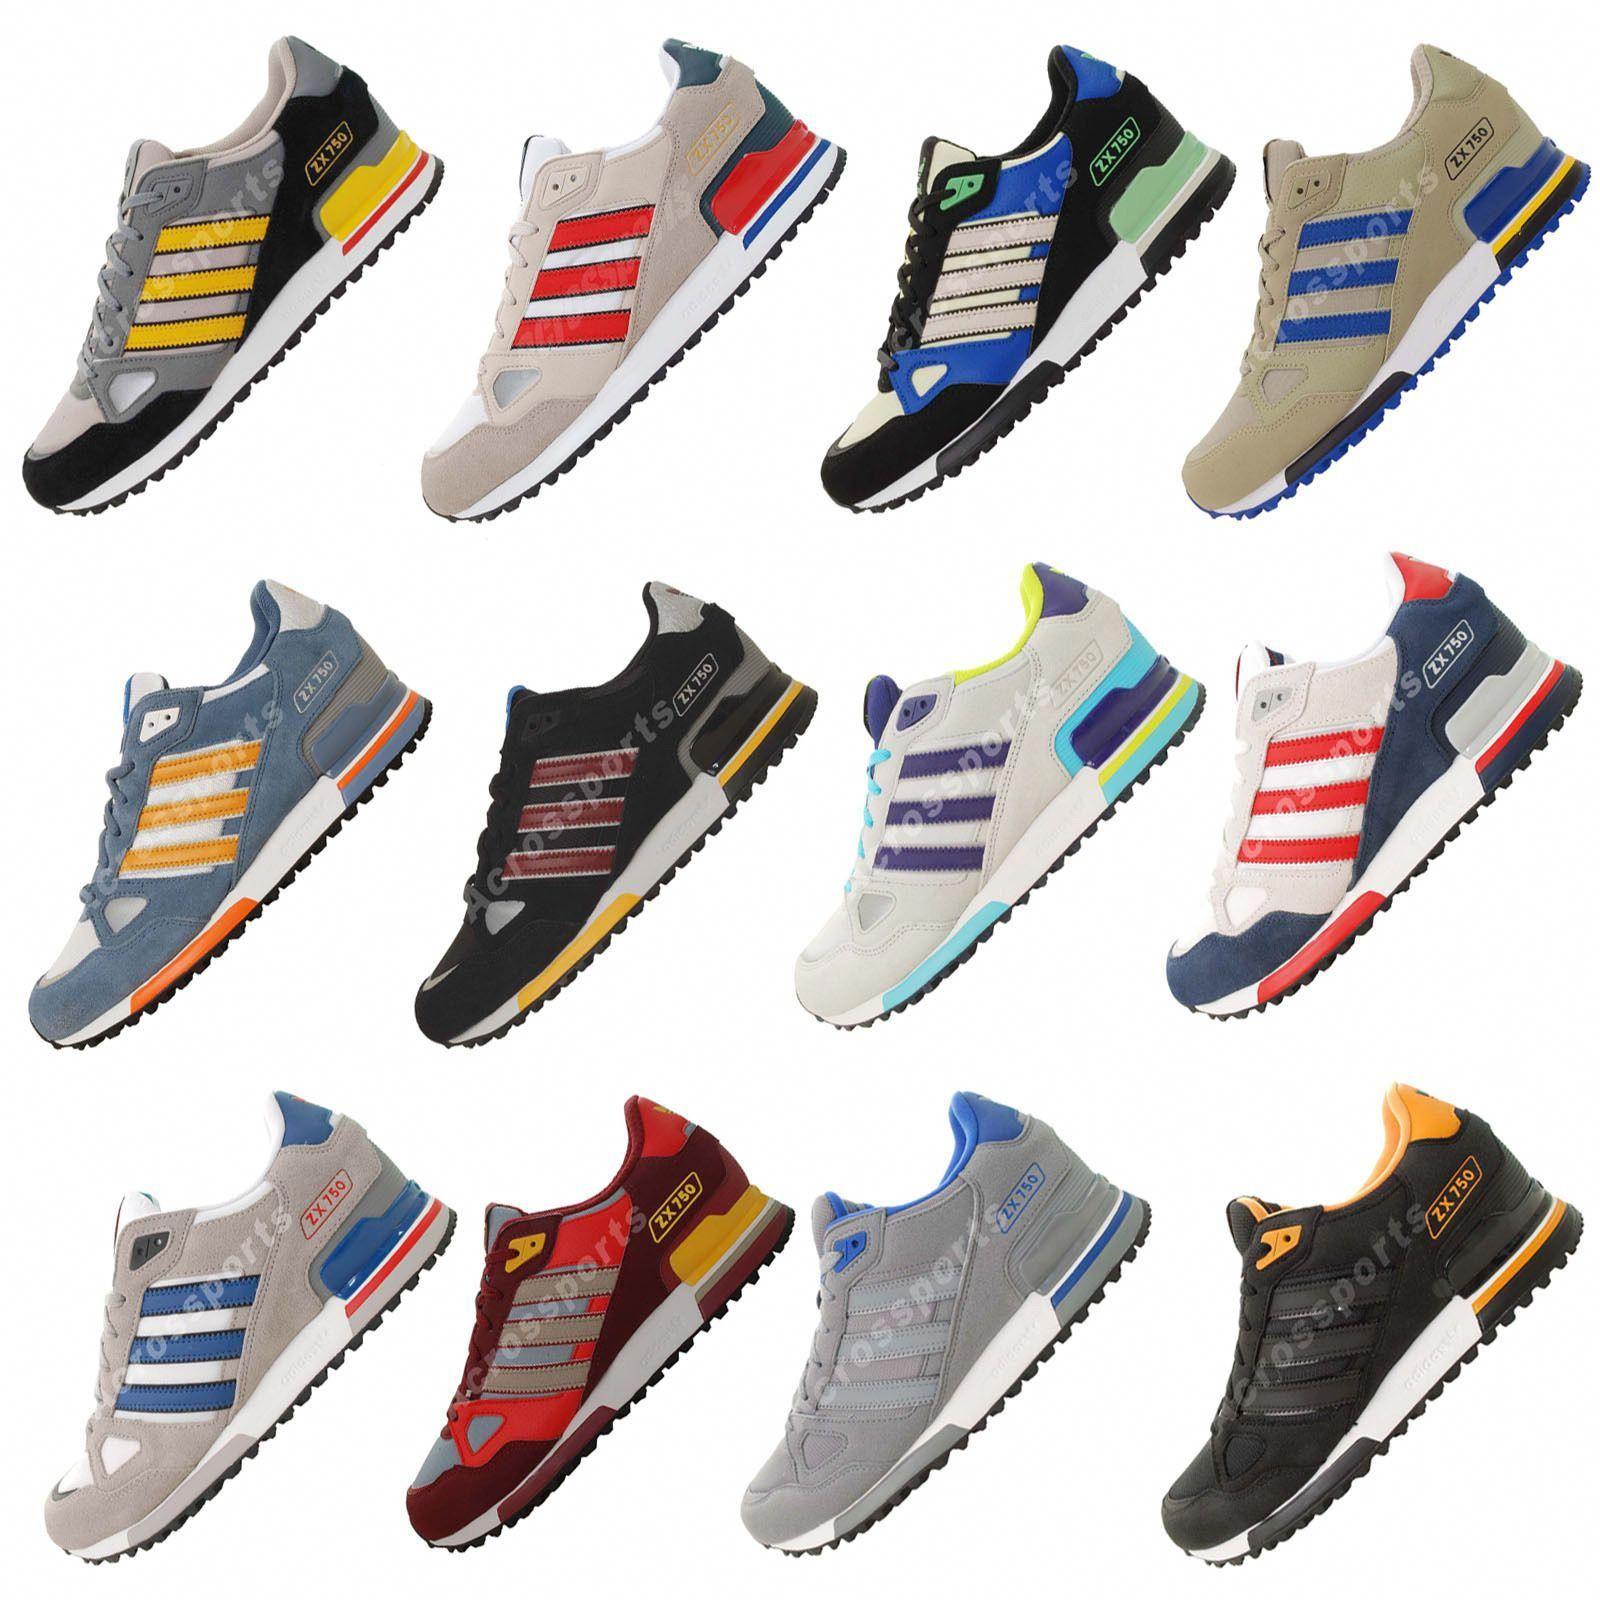 Superficial no relacionado Colector  Adidas Originals ZX750 ZX 750 2013 Retro Running Shoes #Sneakers | Adidas  outfit shoes, Adidas shoes mens sneakers, Sneakers men fashion